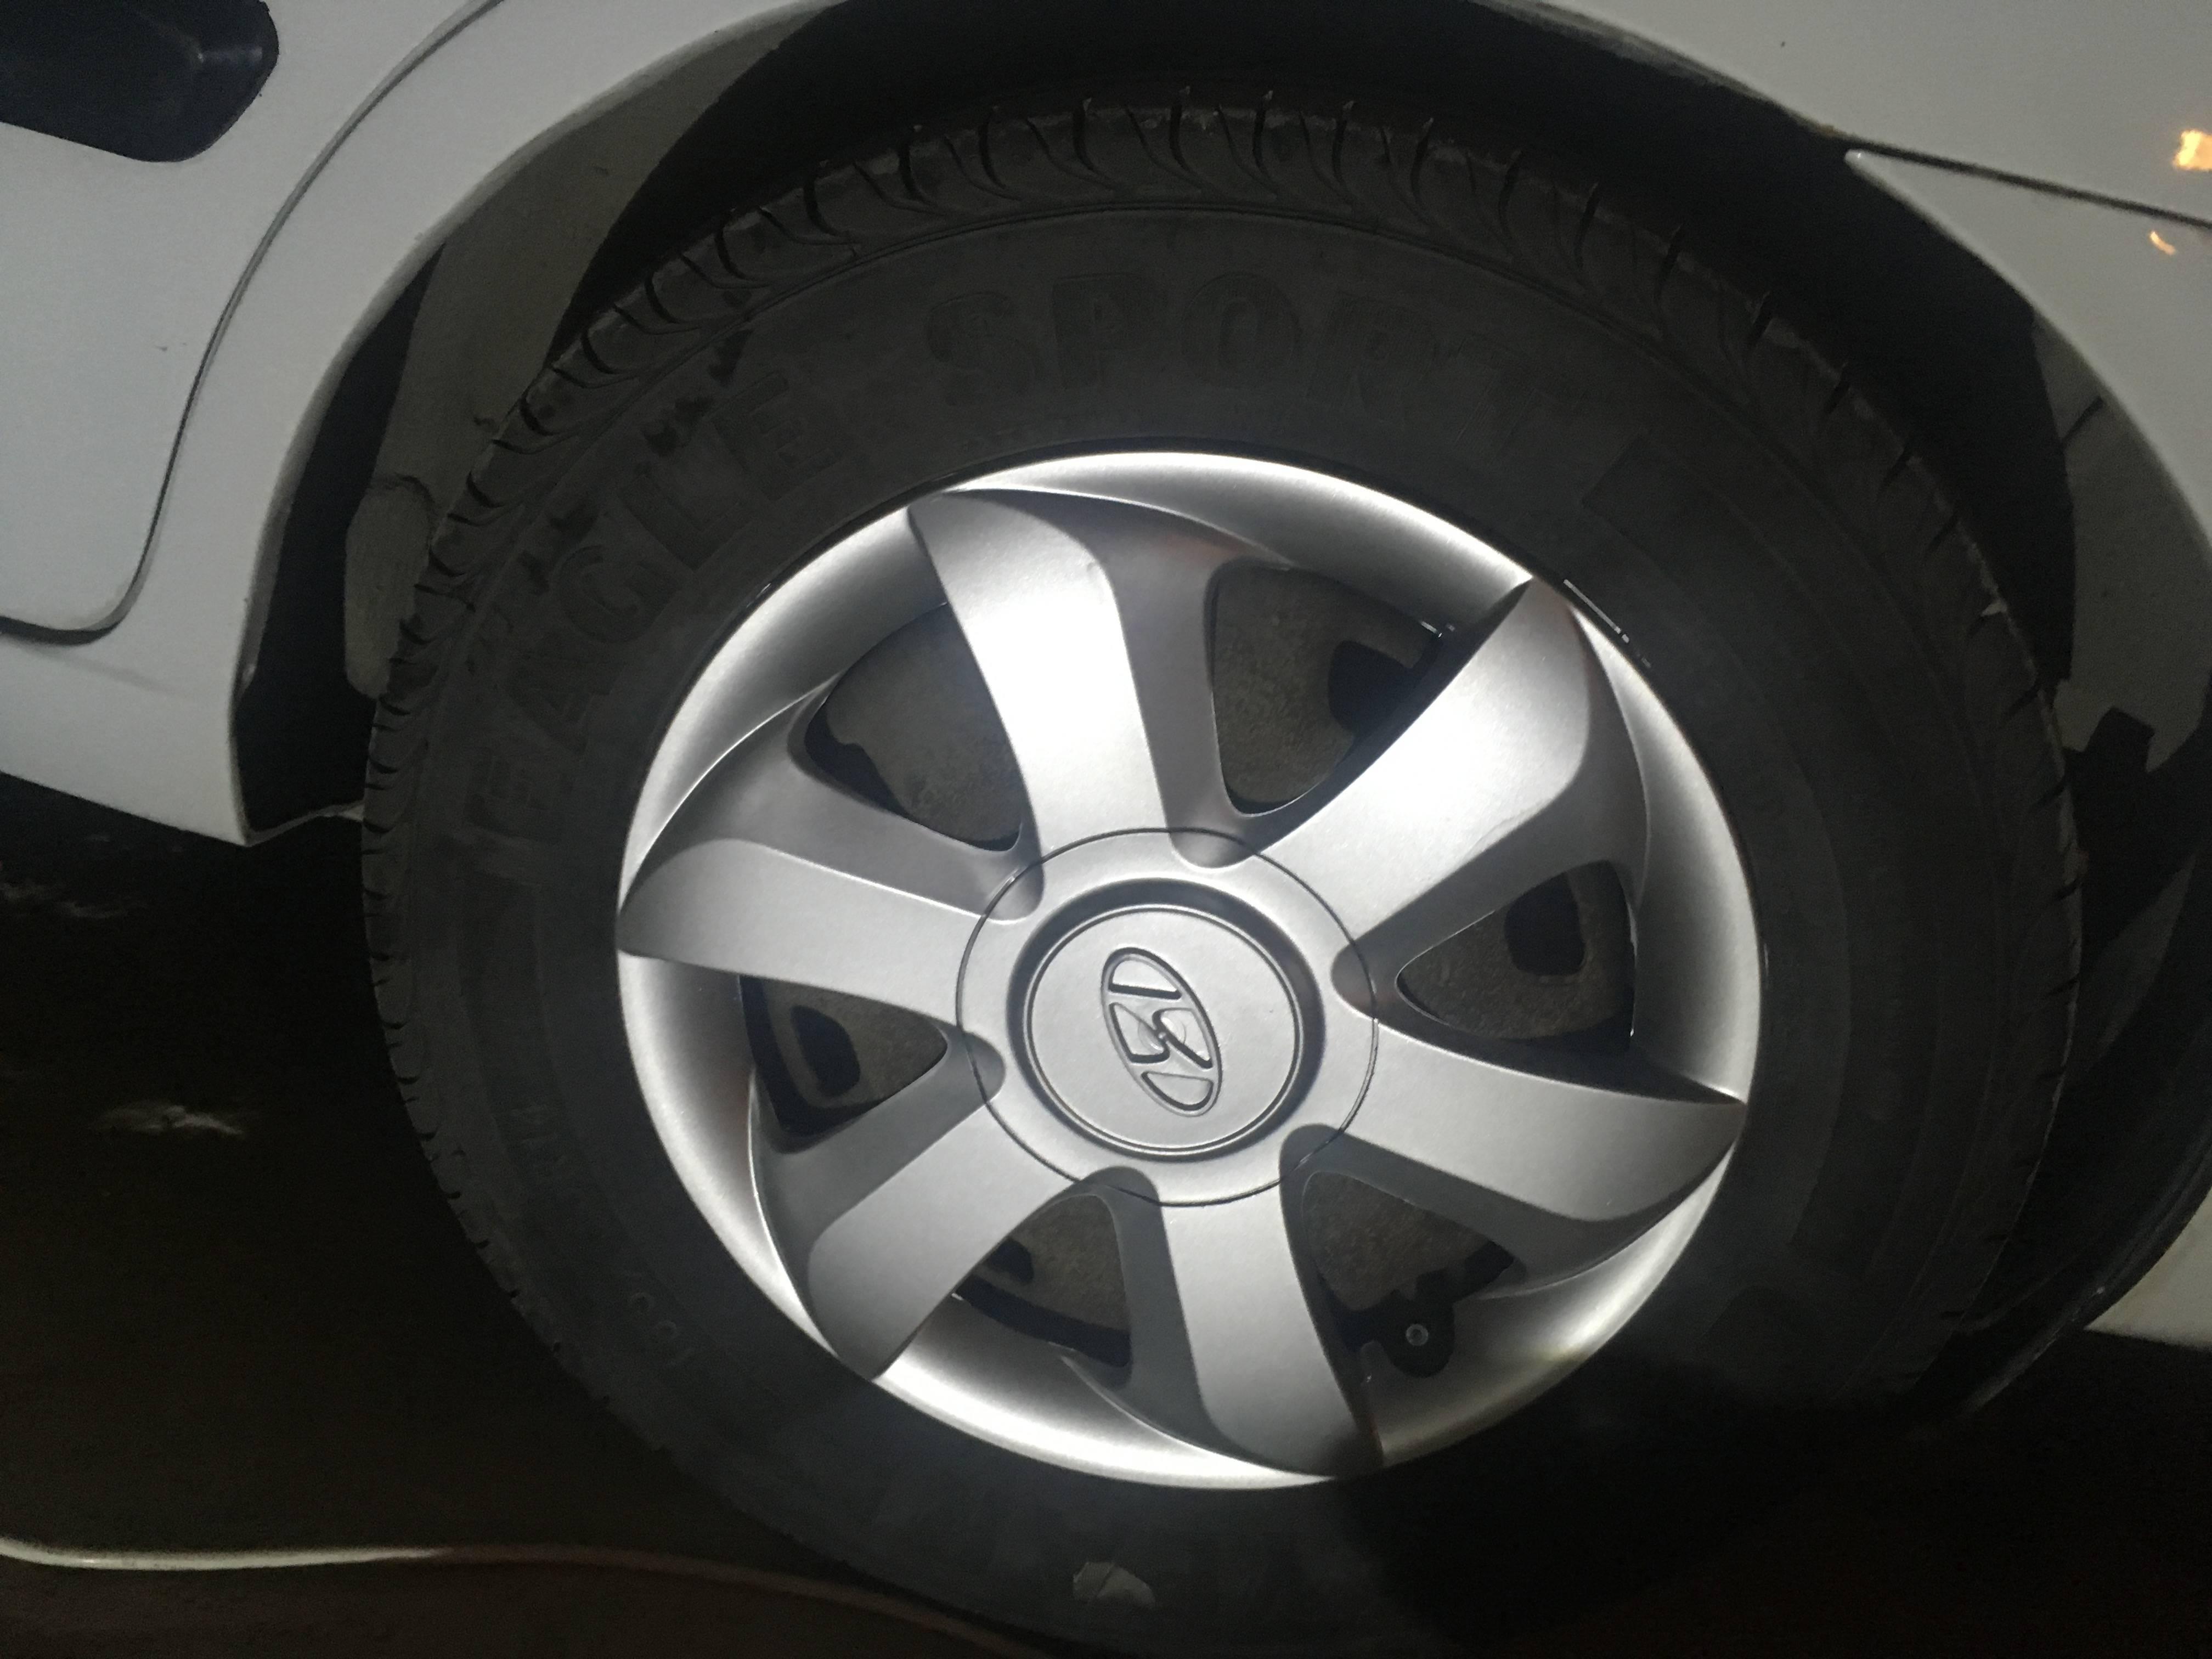 Hyundai accent admire Paslı Jantları boyamak